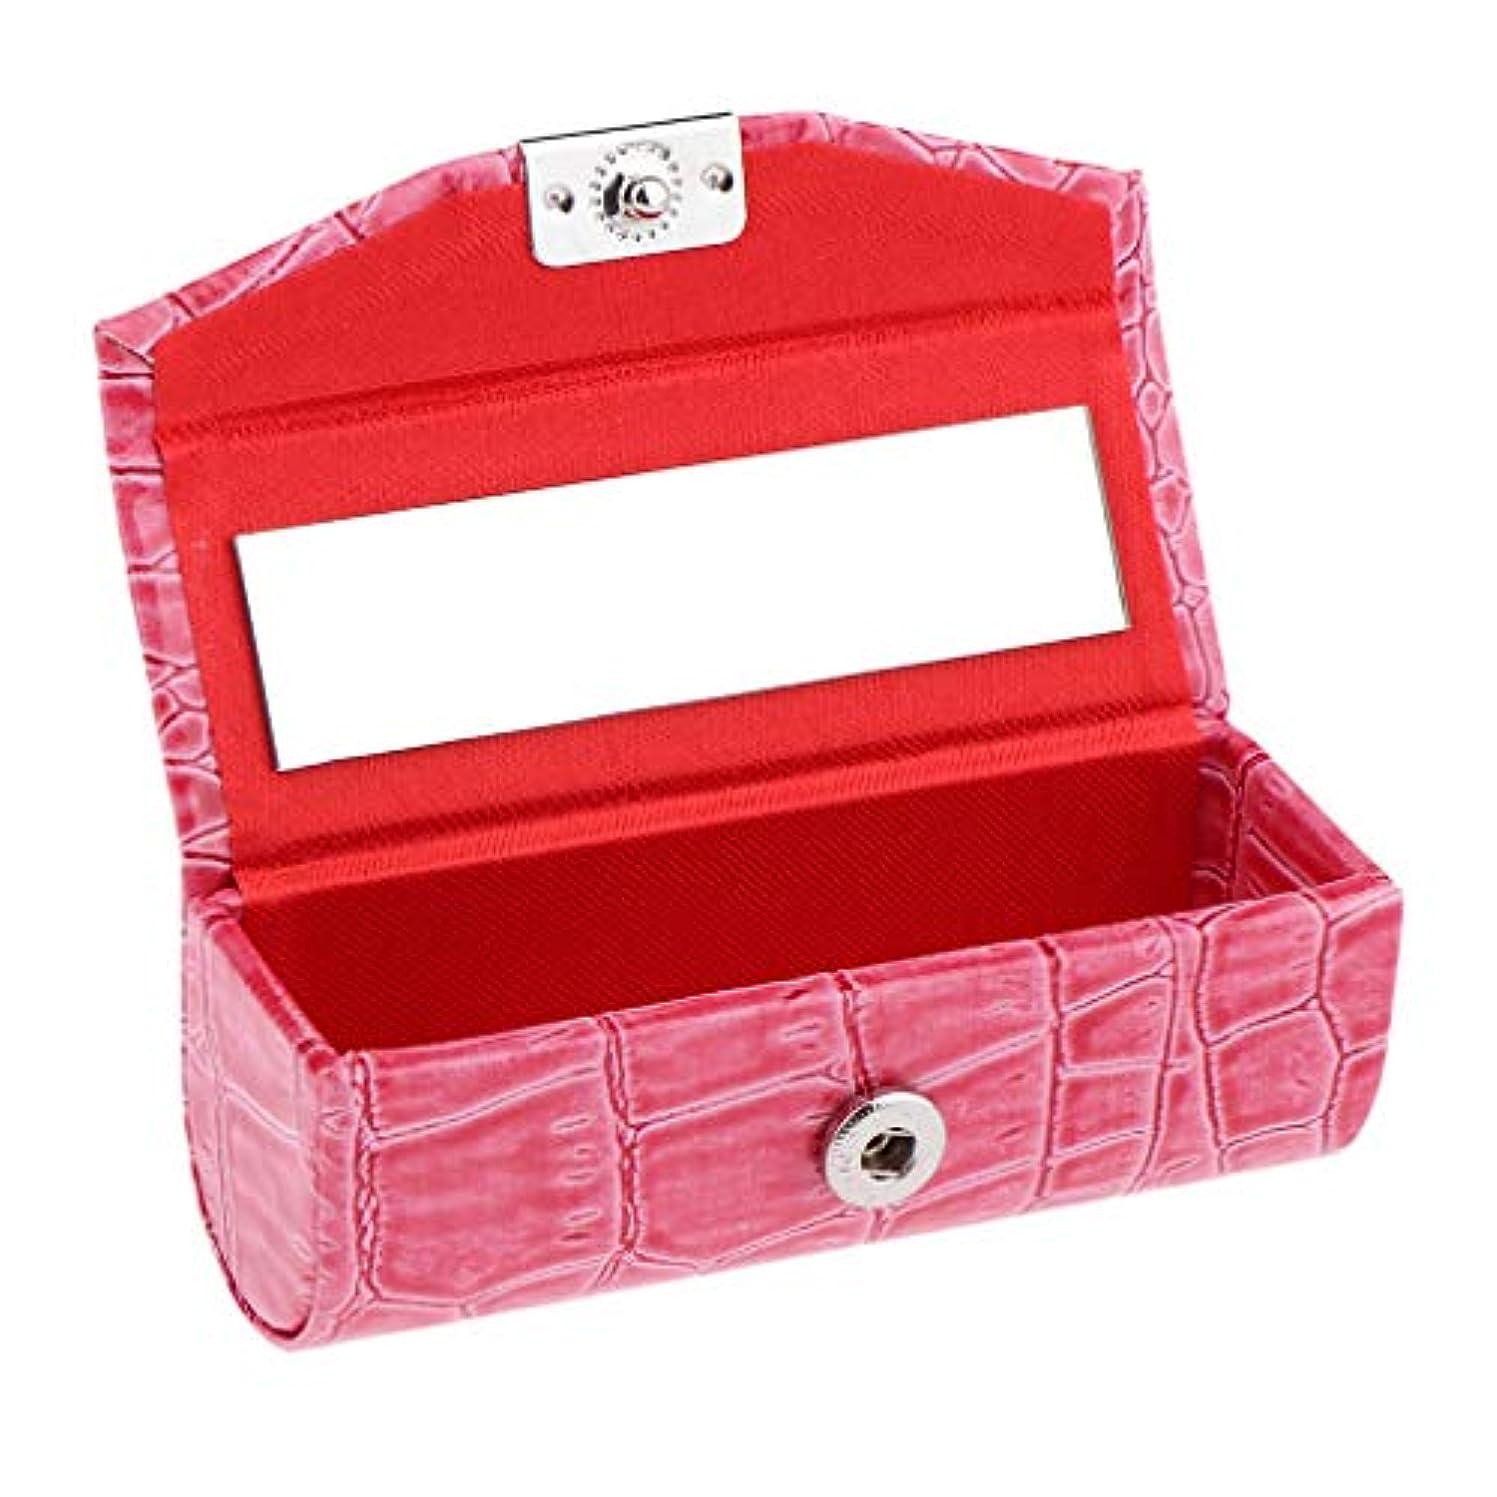 同情初期のむちゃくちゃIPOTCH レザー リップスティックケース 口紅ホルダー ミラー 収納ボックス 多色選べ - ローズレッド